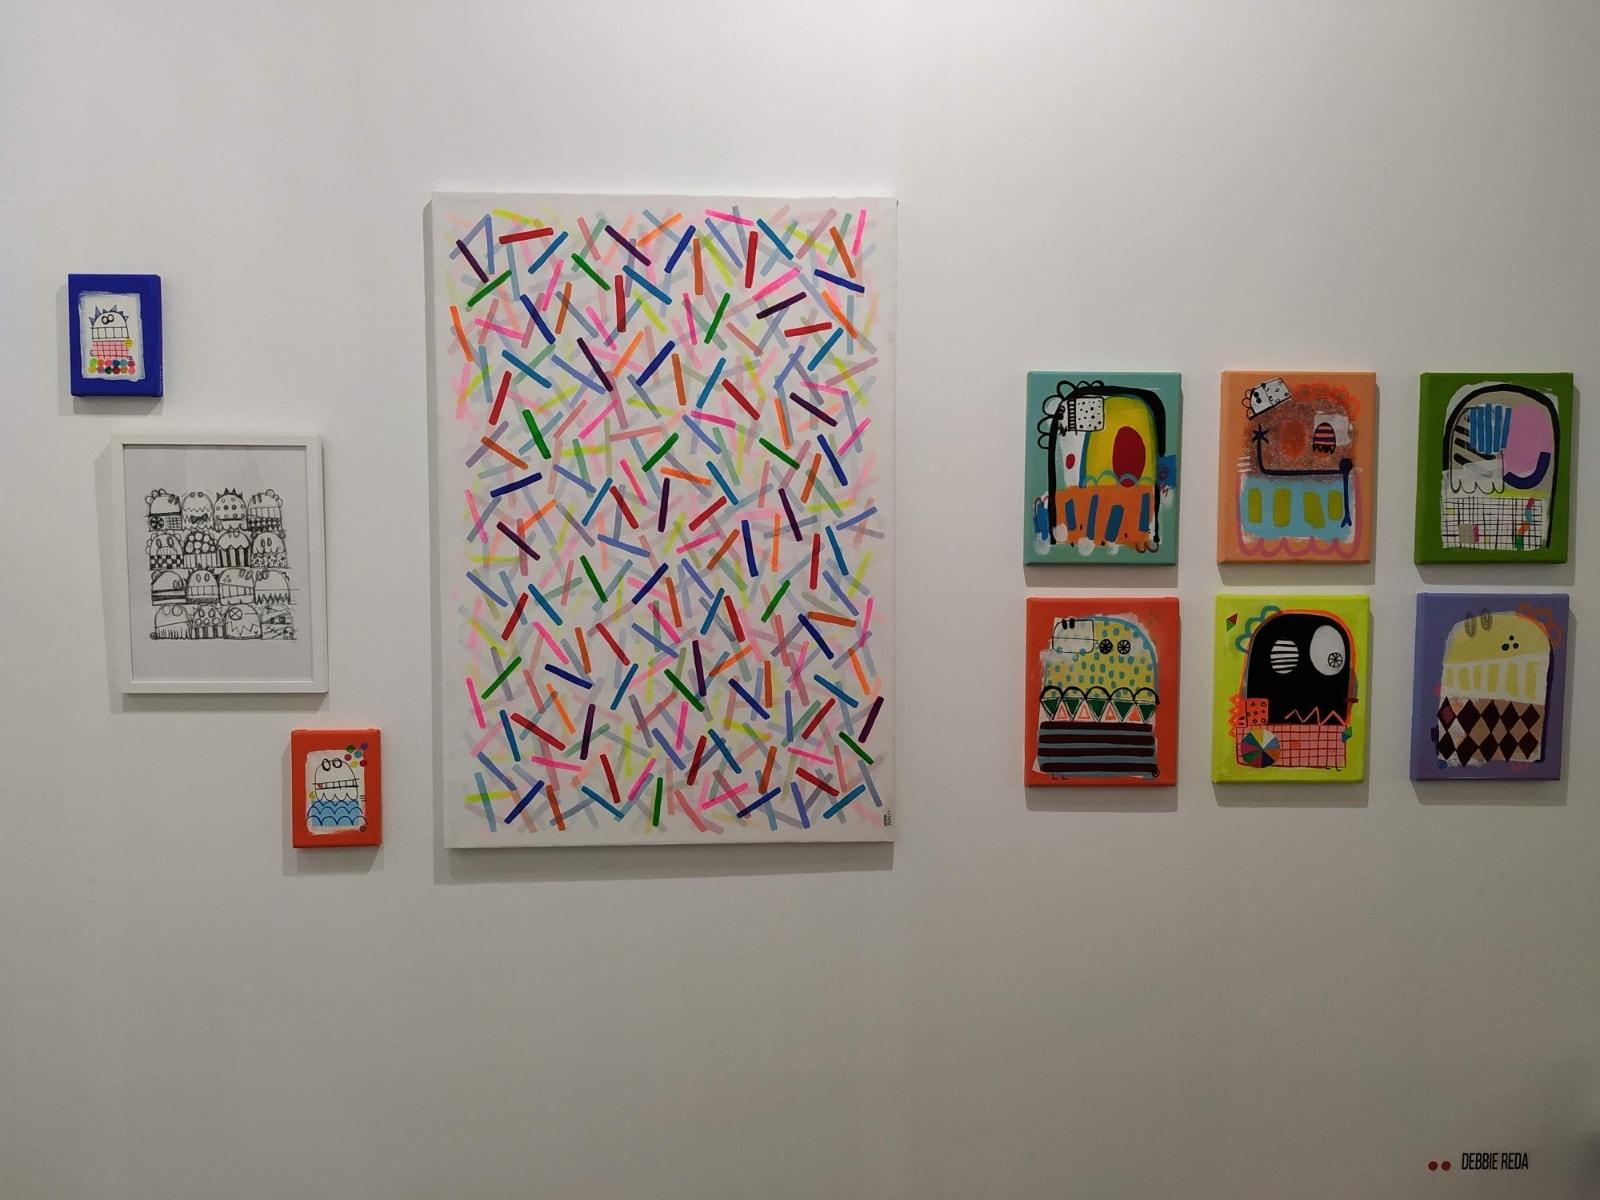 Debbie Reda - Granada Gallery Buenos Aires